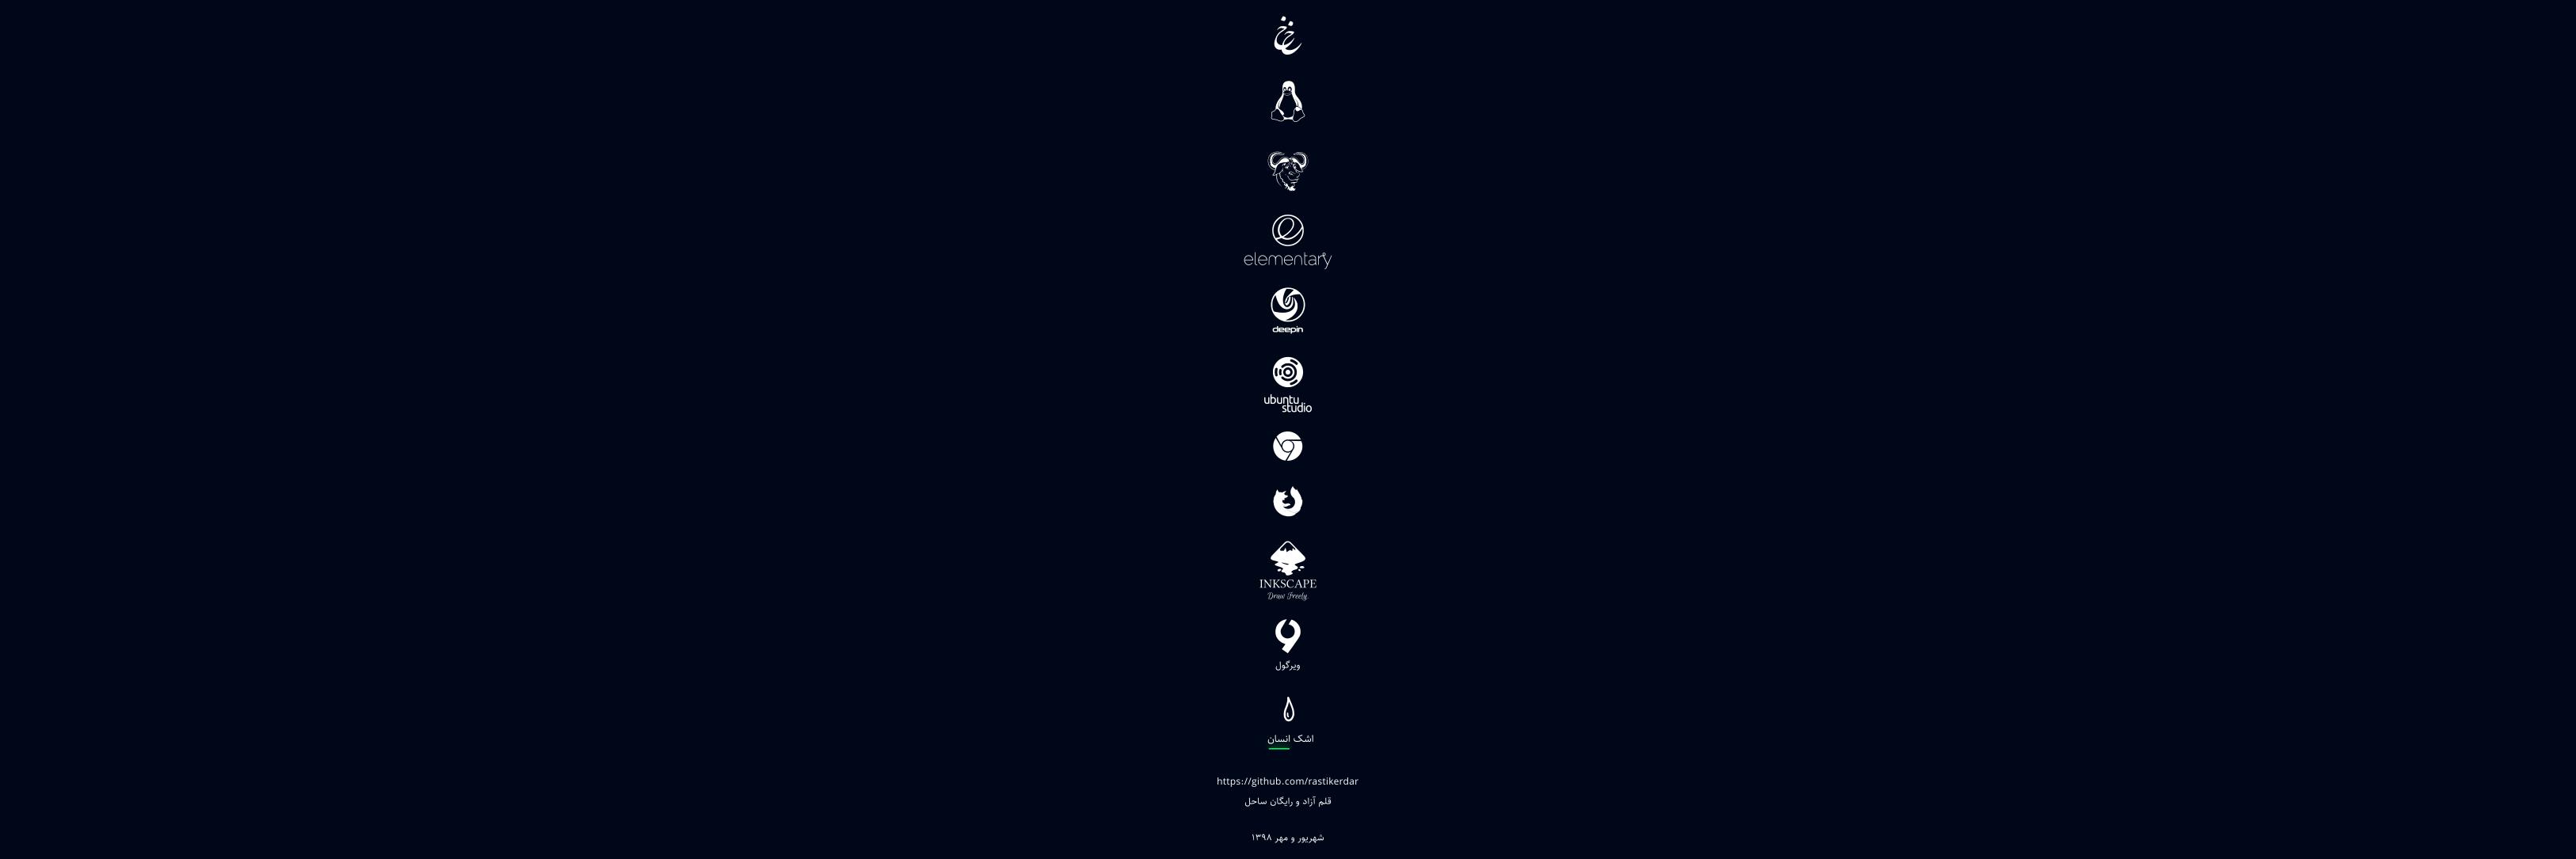 اشک انسان - فهرست ( در هوای محرم )